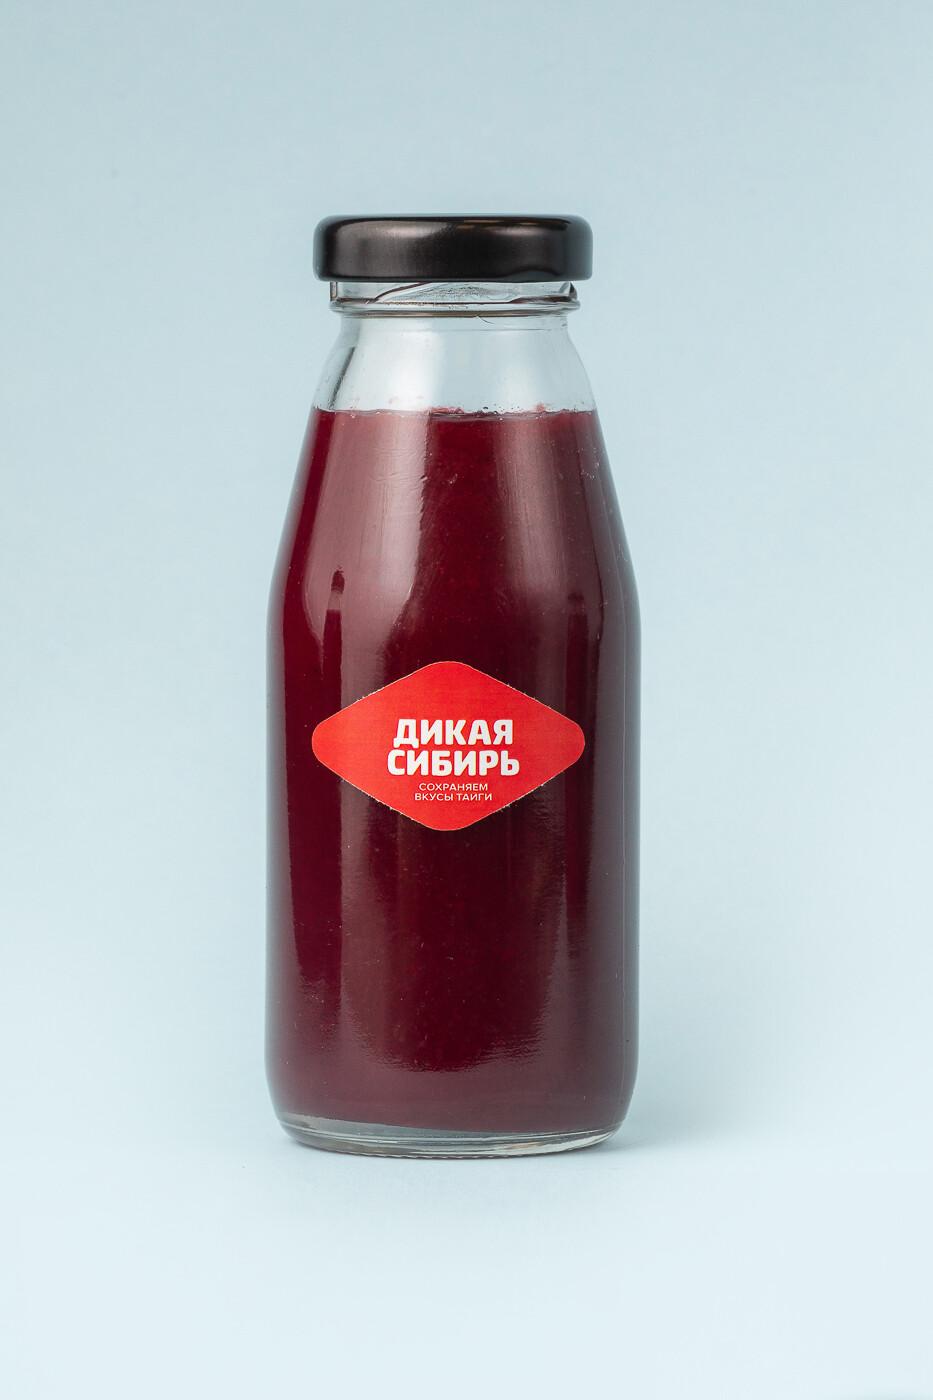 Пюре из чёрной смородины  «Дикая Сибирь» ст.бутылка 200 г